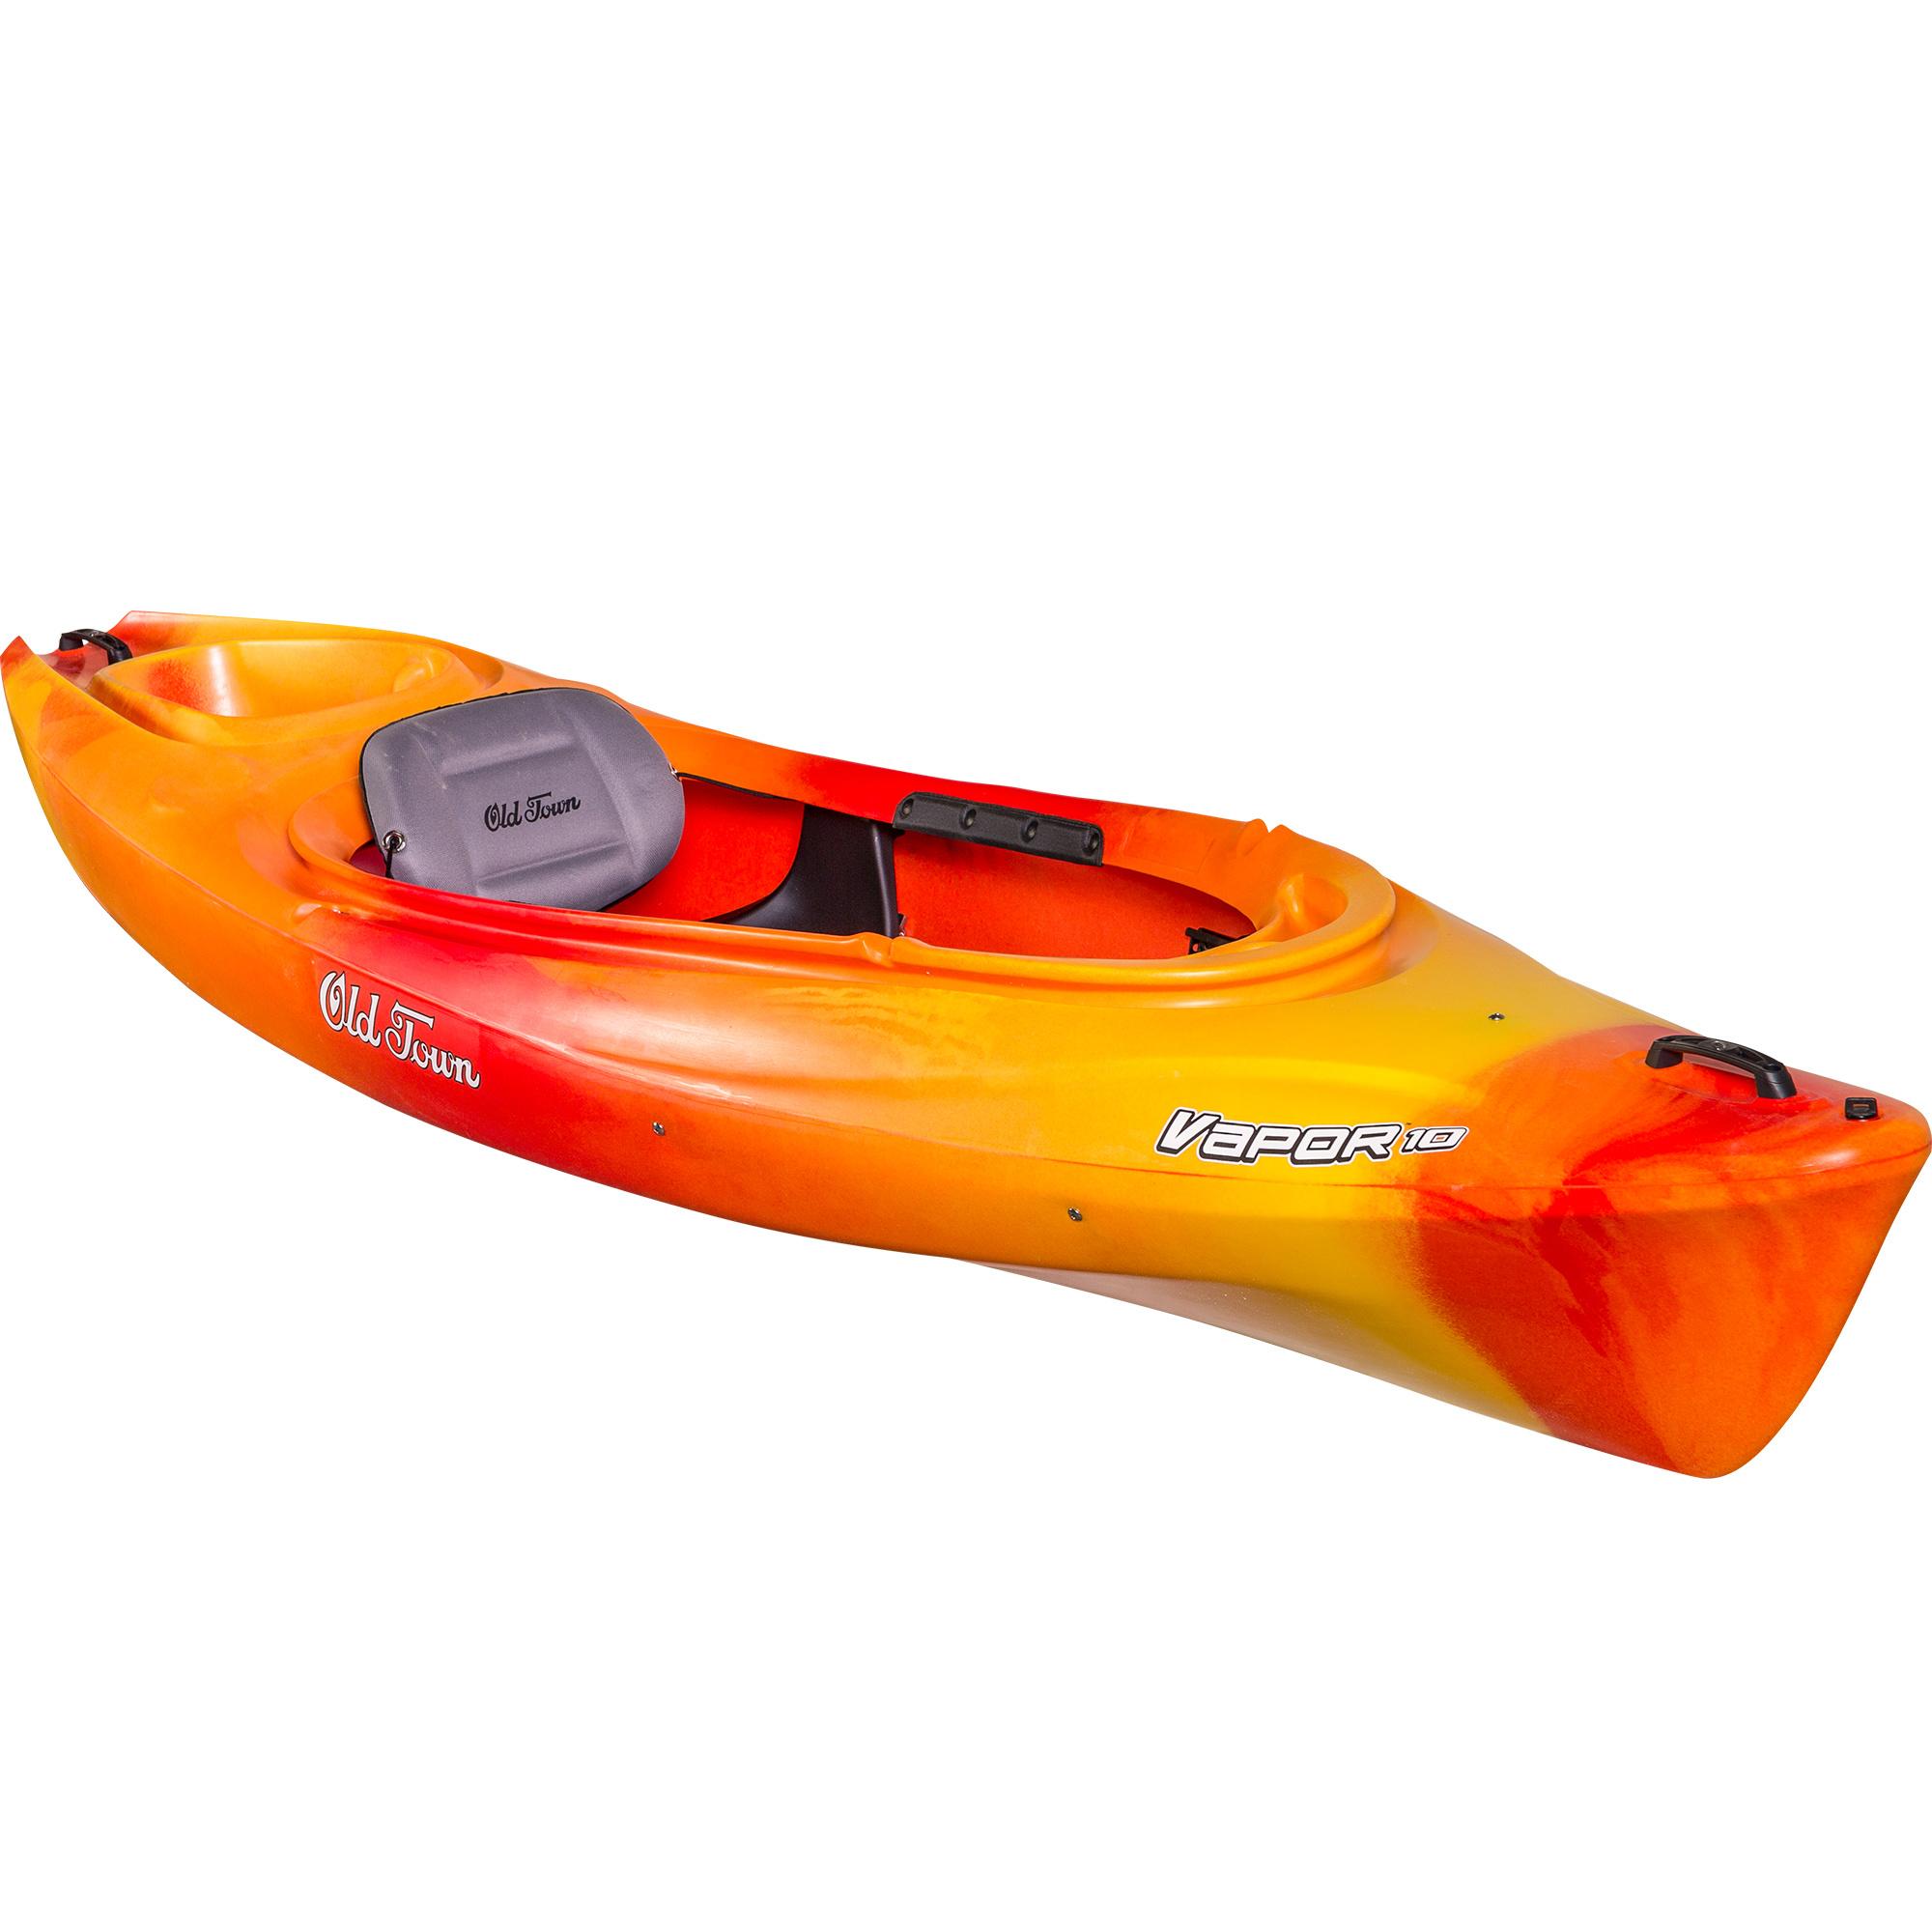 Old Town Kayaks Vapor 10 Kayak